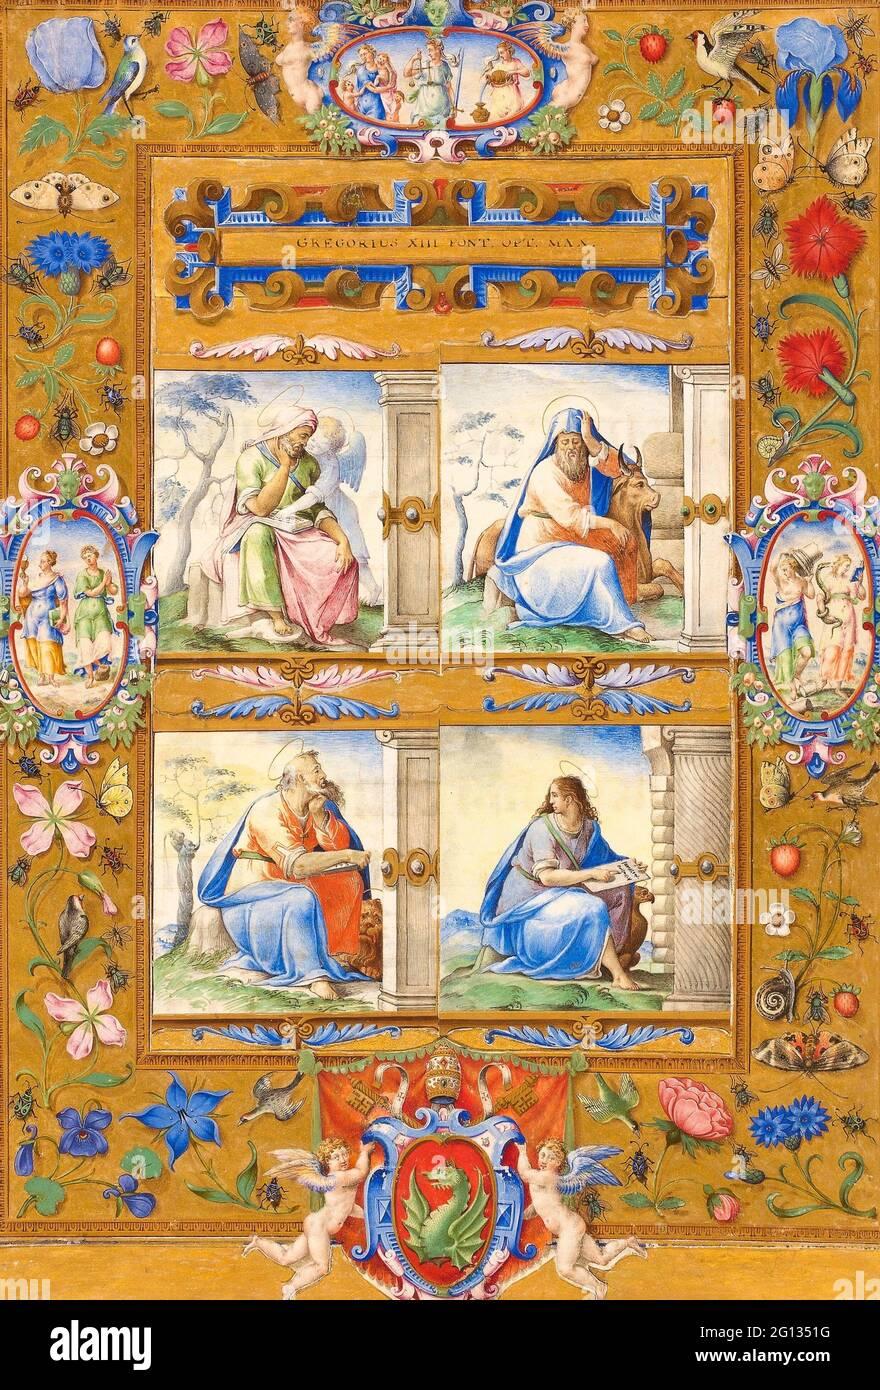 Auteur: Giorgio Giulio Clovio. Les quatre évangélistes, à l'intérieur d'une frontière de fleurs, d'oiseaux, et d'insectes - 1572 - cercle de Giulio Clovio croate, actif Banque D'Images